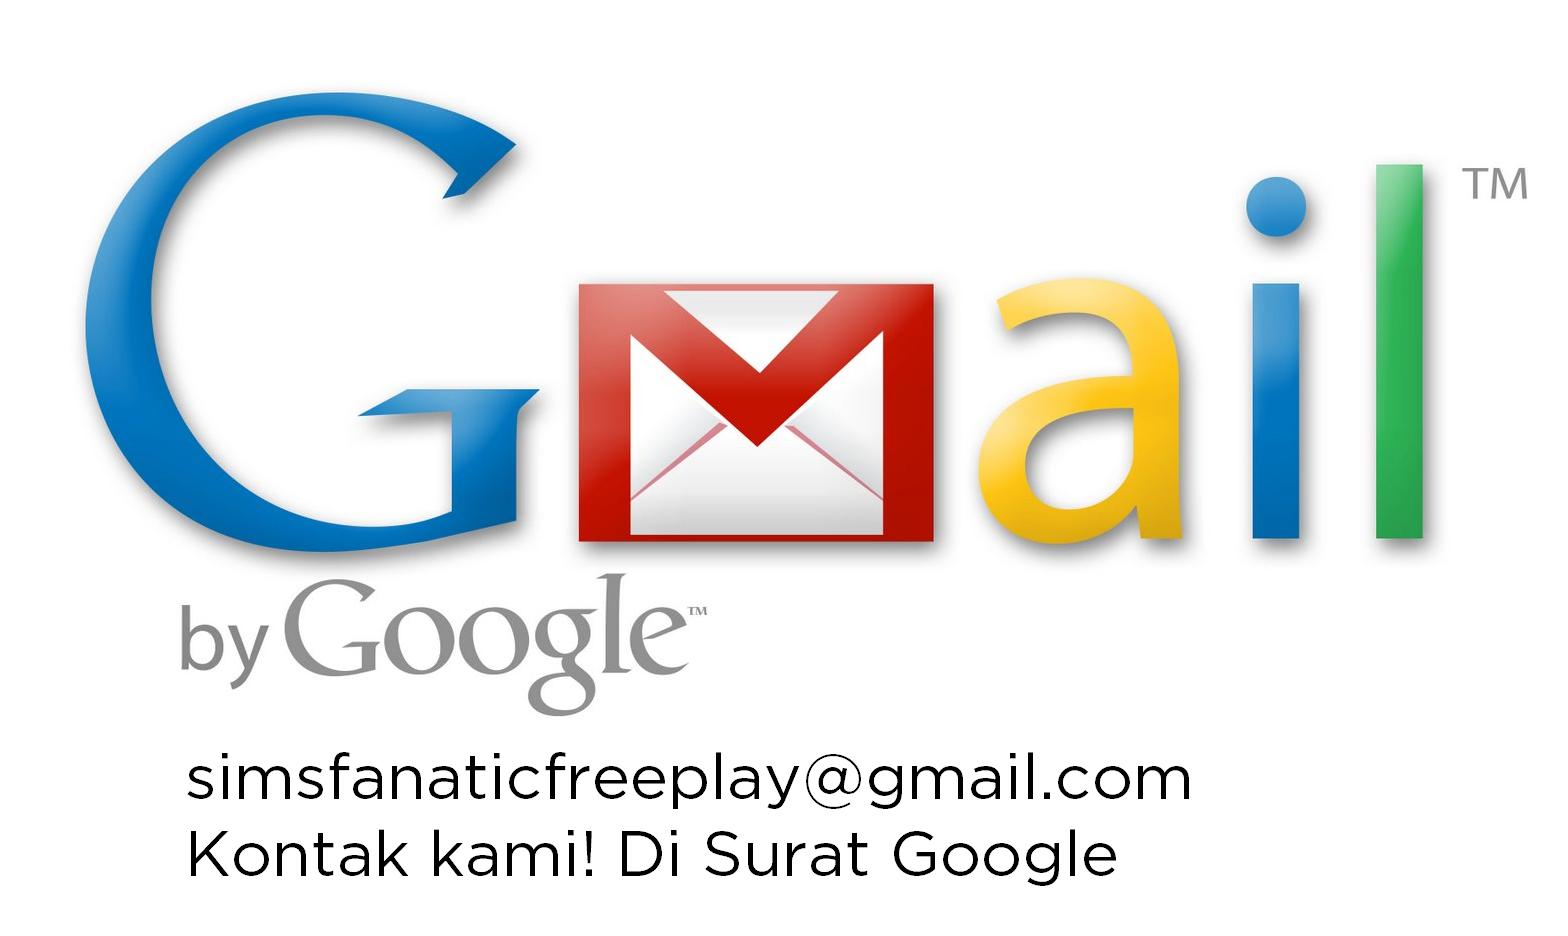 Как в gmail сделать подтверждение о прочтении